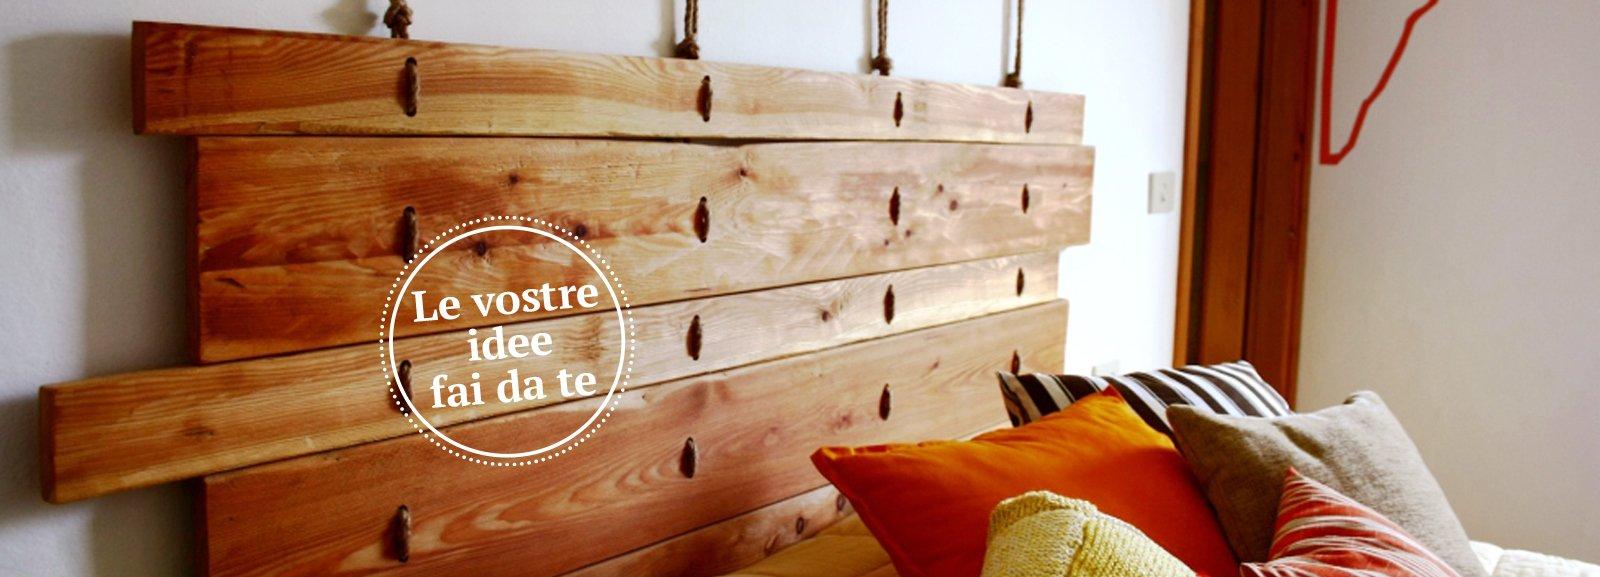 Letto low cost con la testiera fai da te cose di casa - Parete in legno fai da te ...